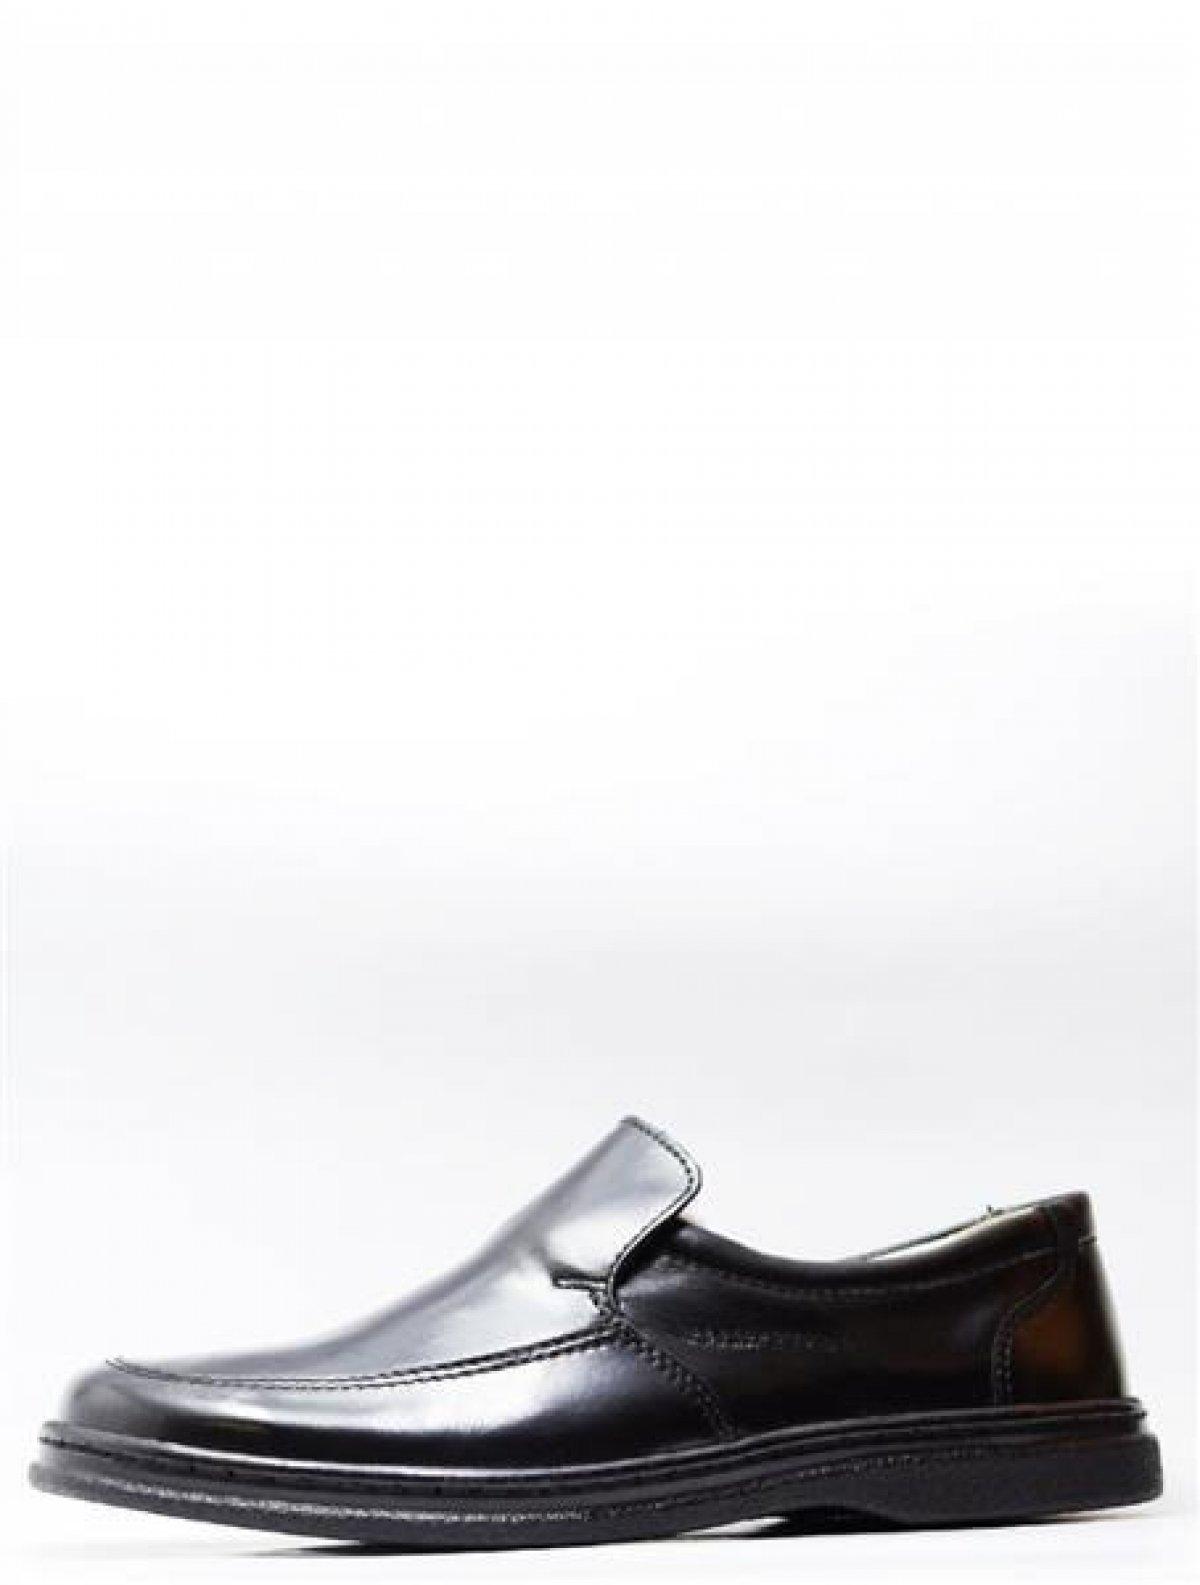 22601 туфли мужские